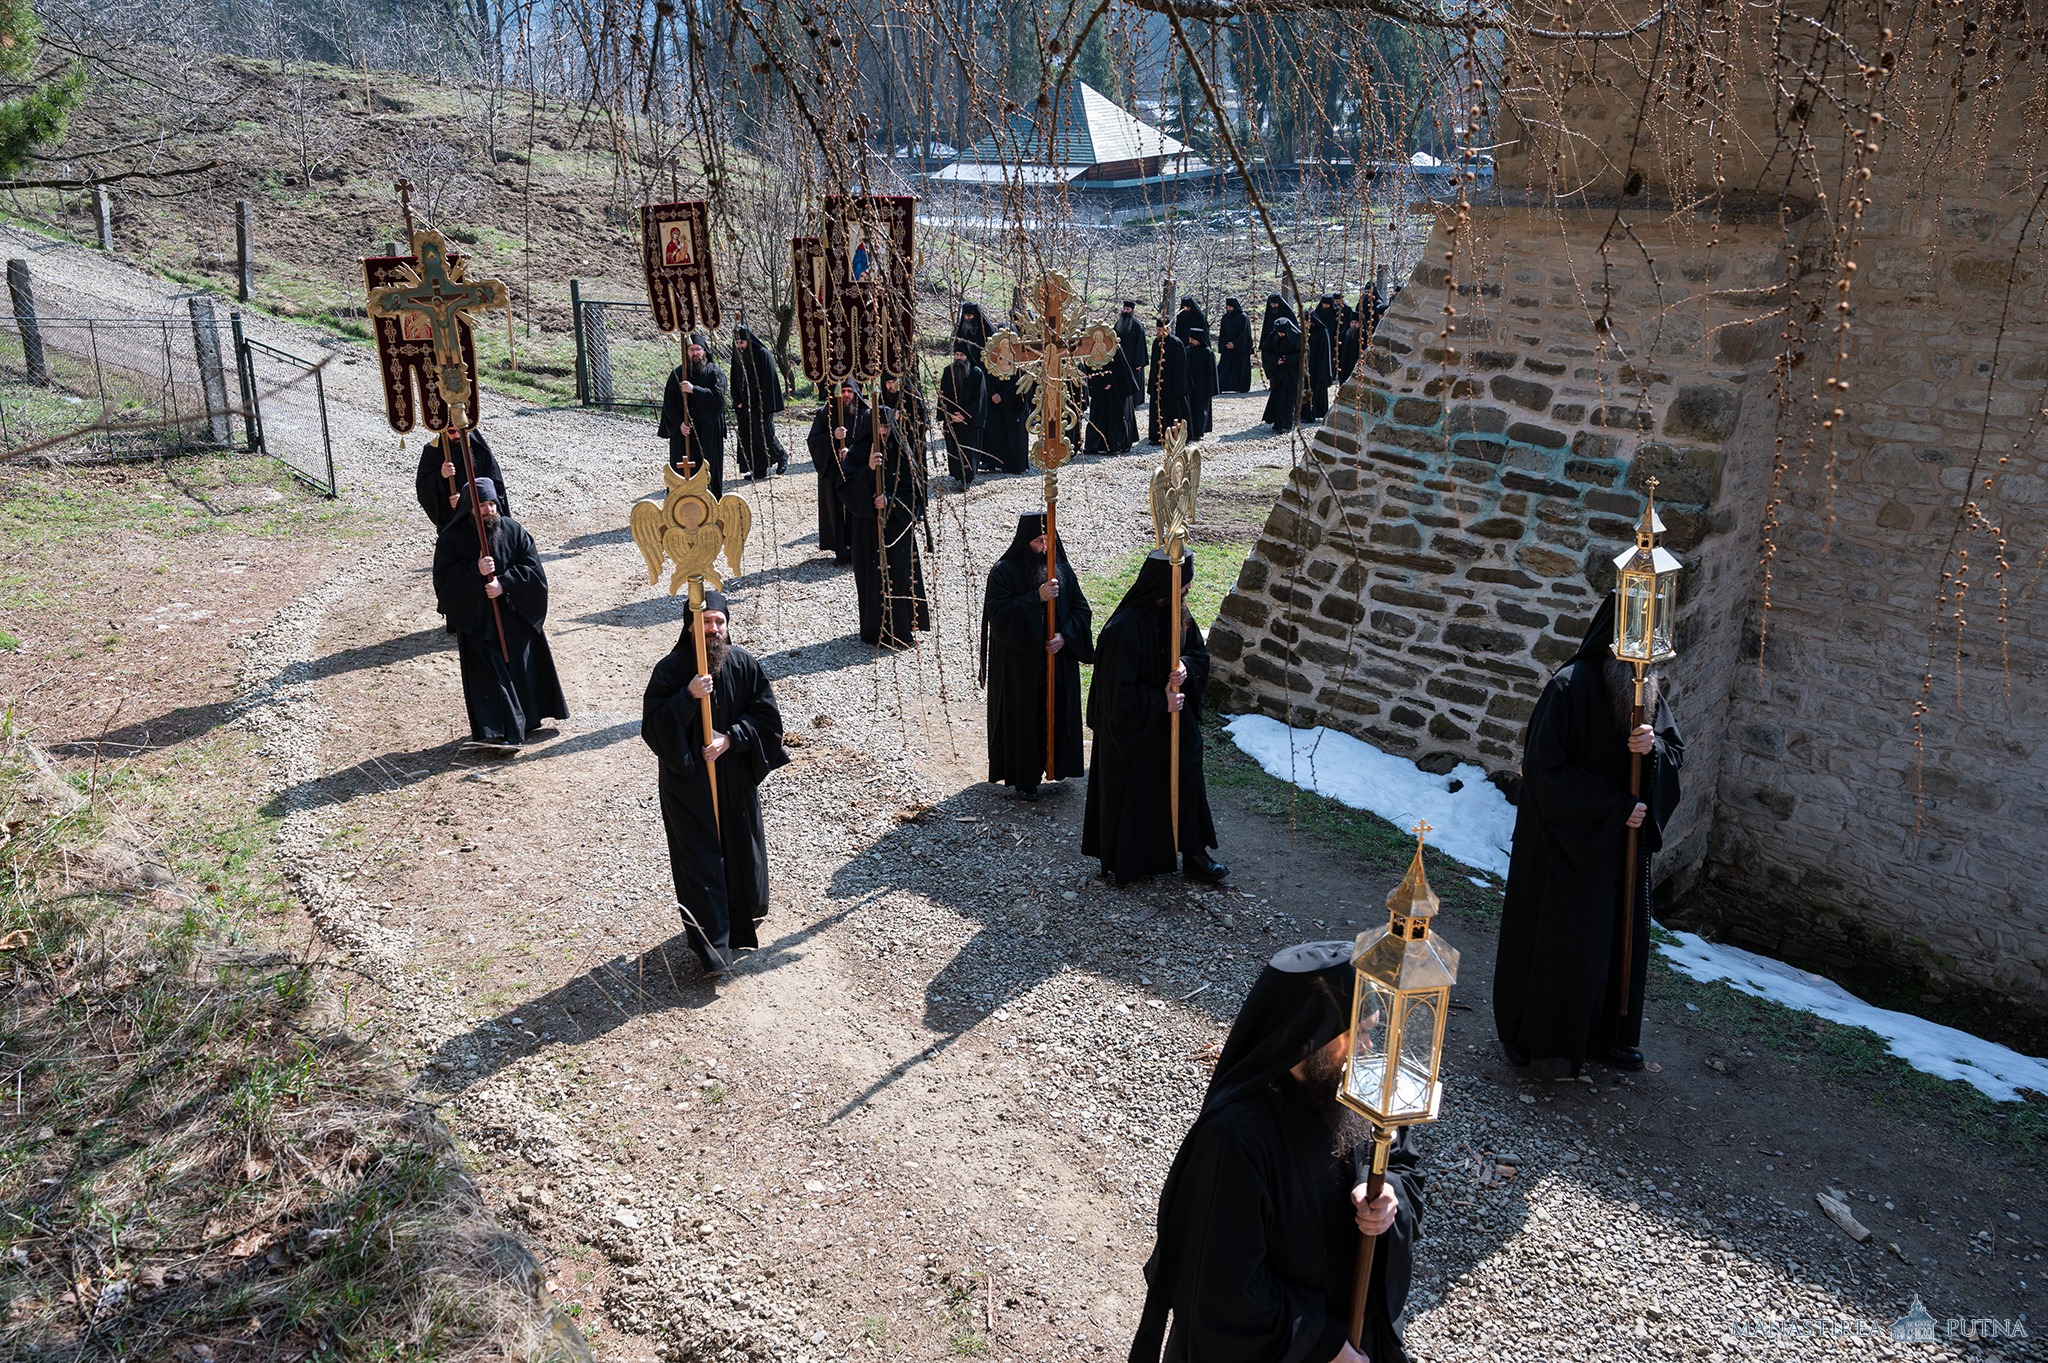 """<i>Fiți alături de Bucovina!</i> PROCESIUNI CU SFINTELE MOASTE LA SUCEAVA SI MANASTIREA PUTNA (si video). Indemnurile PS DAMASCHIN DORNEANUL si PARINTELUI STARET MELCHISEDEC: <i>""""Chemați și voi în rugăciune pe Maica Domnului, pe toți sfinții și pe sfinții care ocrotesc Bucovina. NU VĂ PIERDEȚI NĂDEJDEA!""""</i>"""